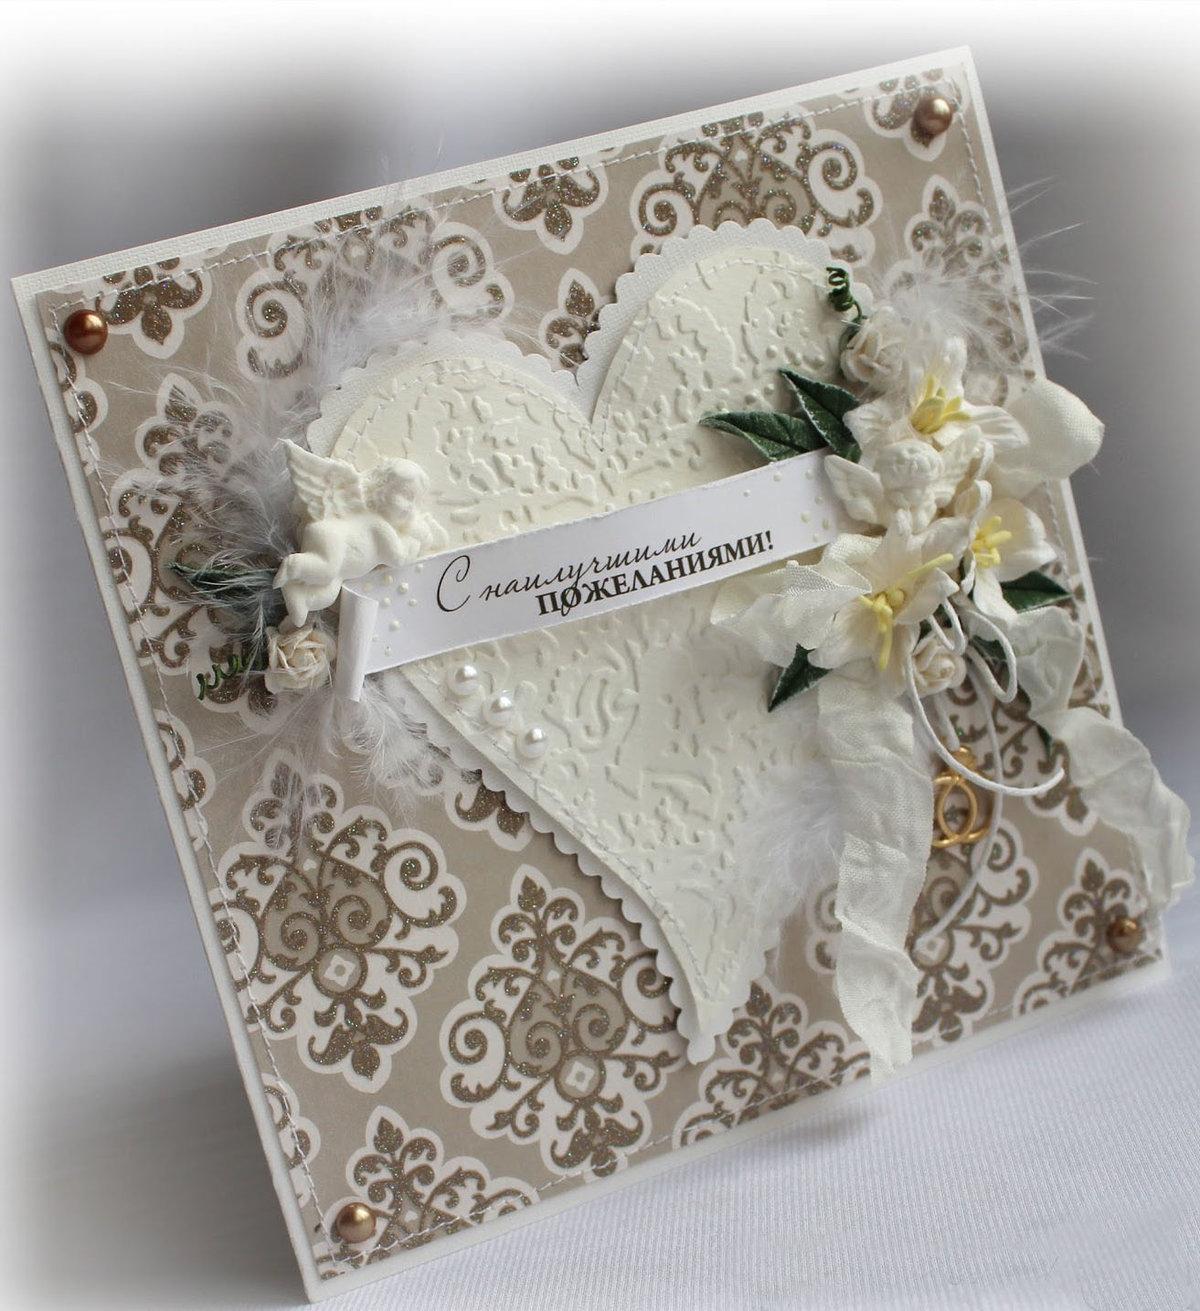 Открытка для фотографии на свадьбу, зятю тещи днем